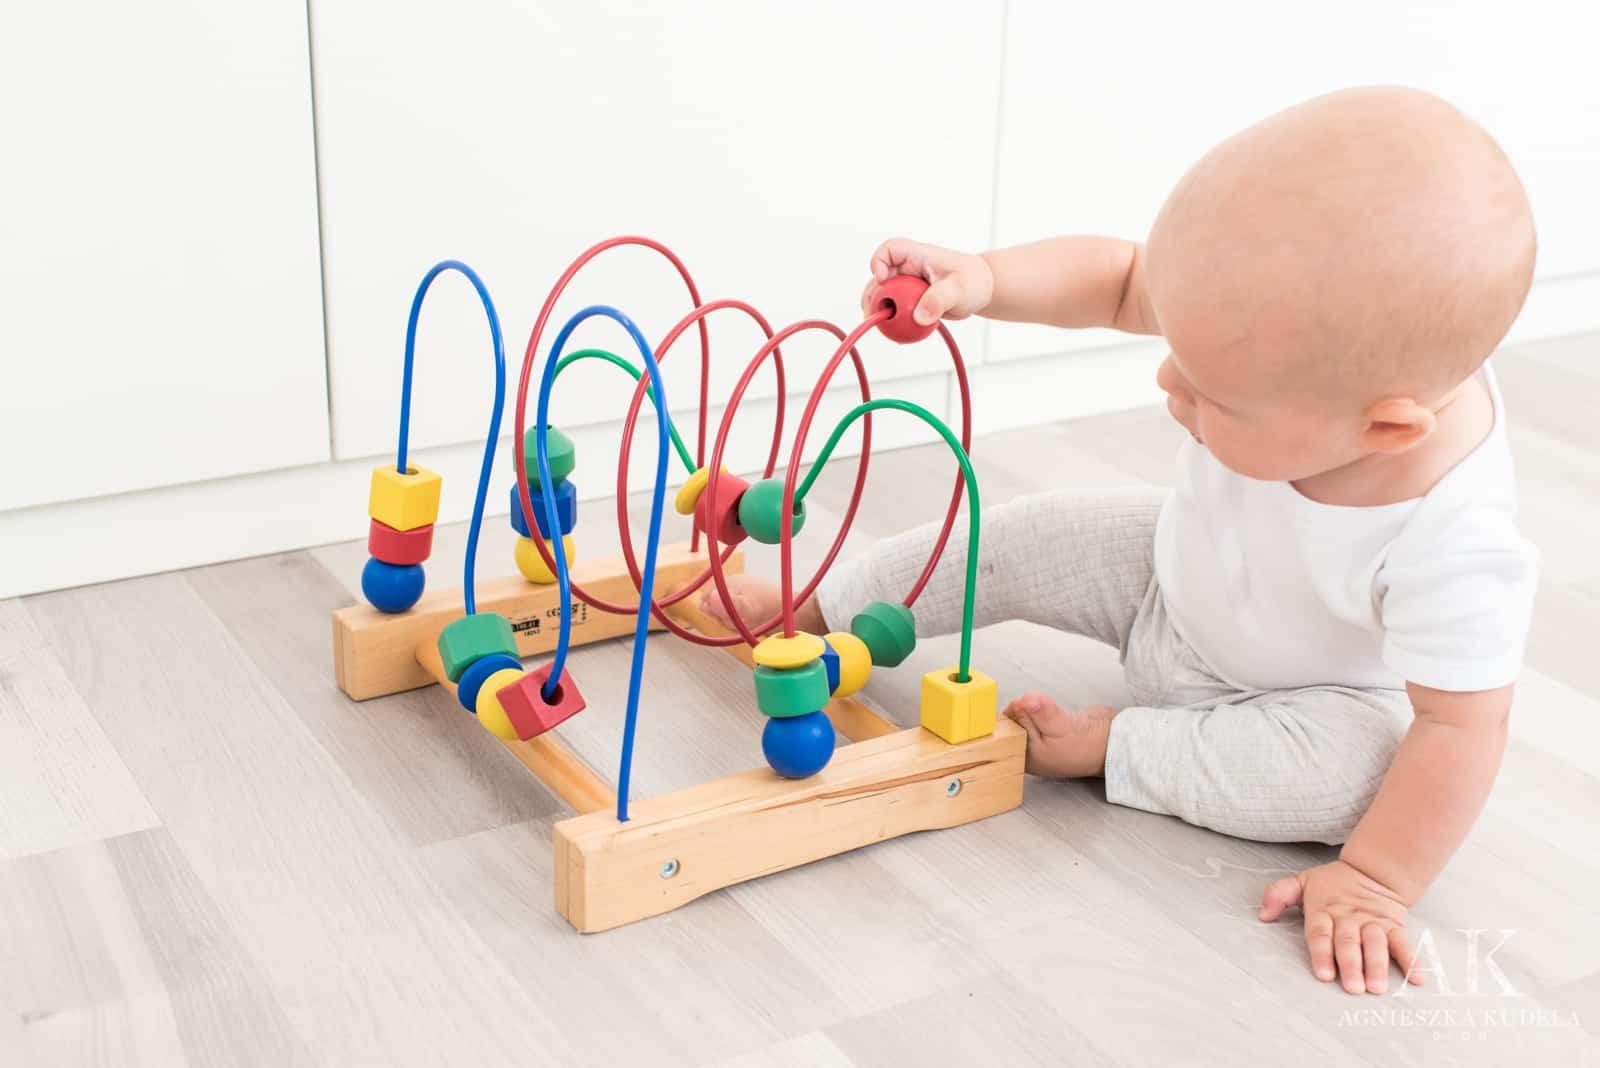 zabawka dla dziecka wspierająca rozwój